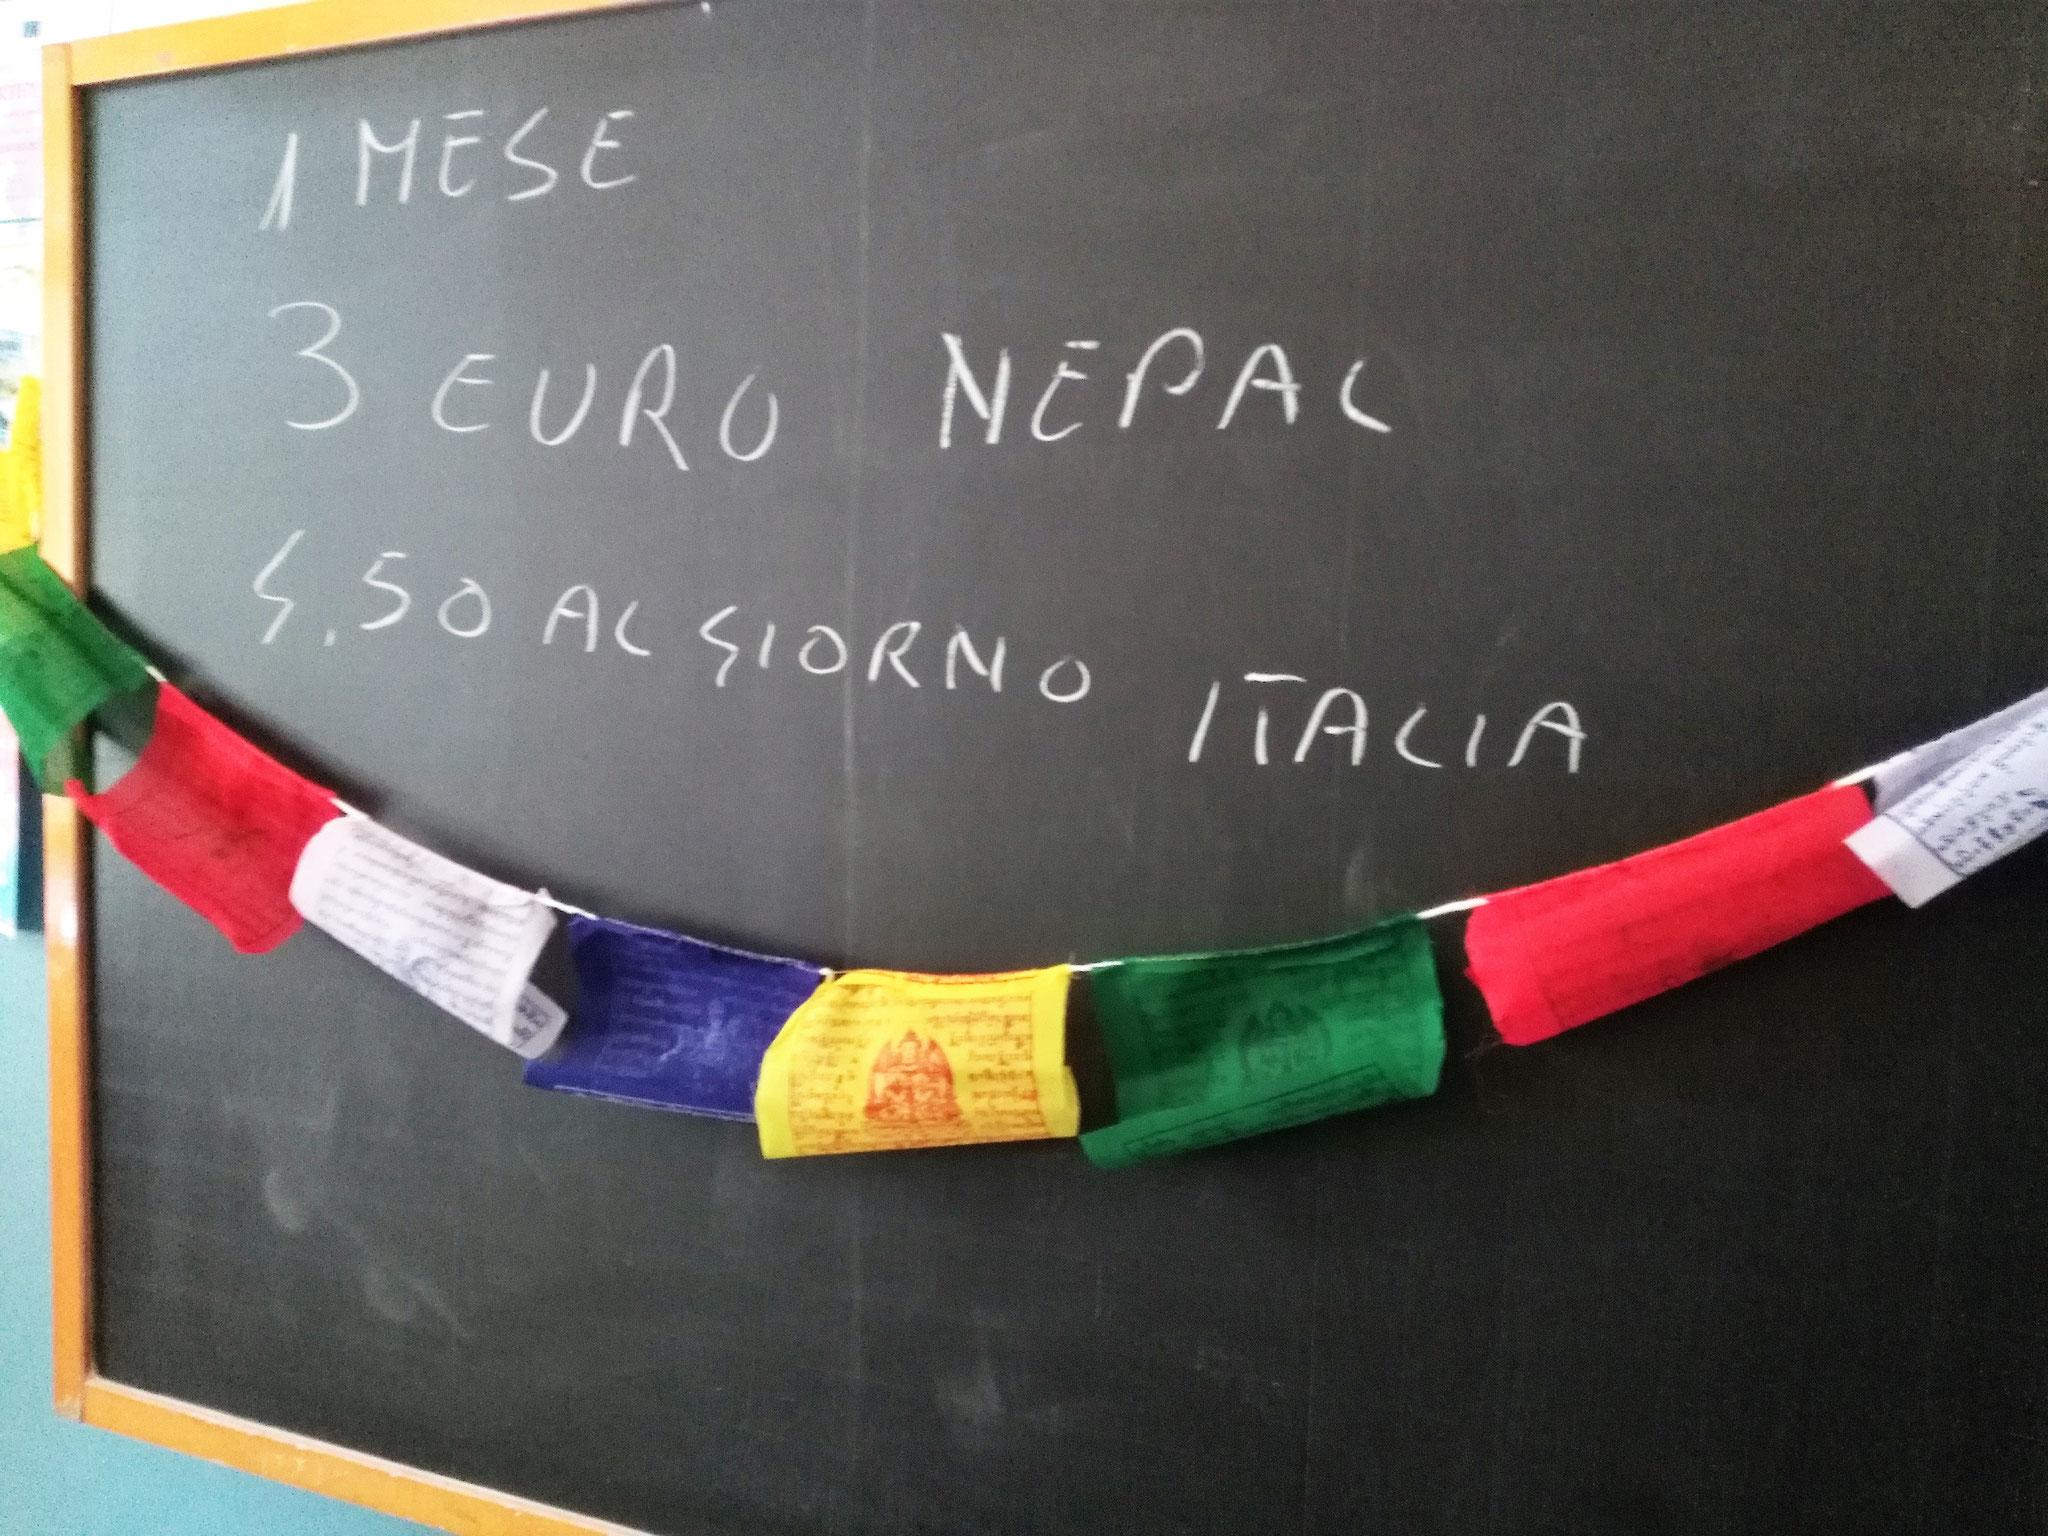 In Nepal bastano 3 euro per garantire ad un bambino di poter mangiare a scuola un mese intero. In Italia si spende poco più per il solo pasto giornaliero.